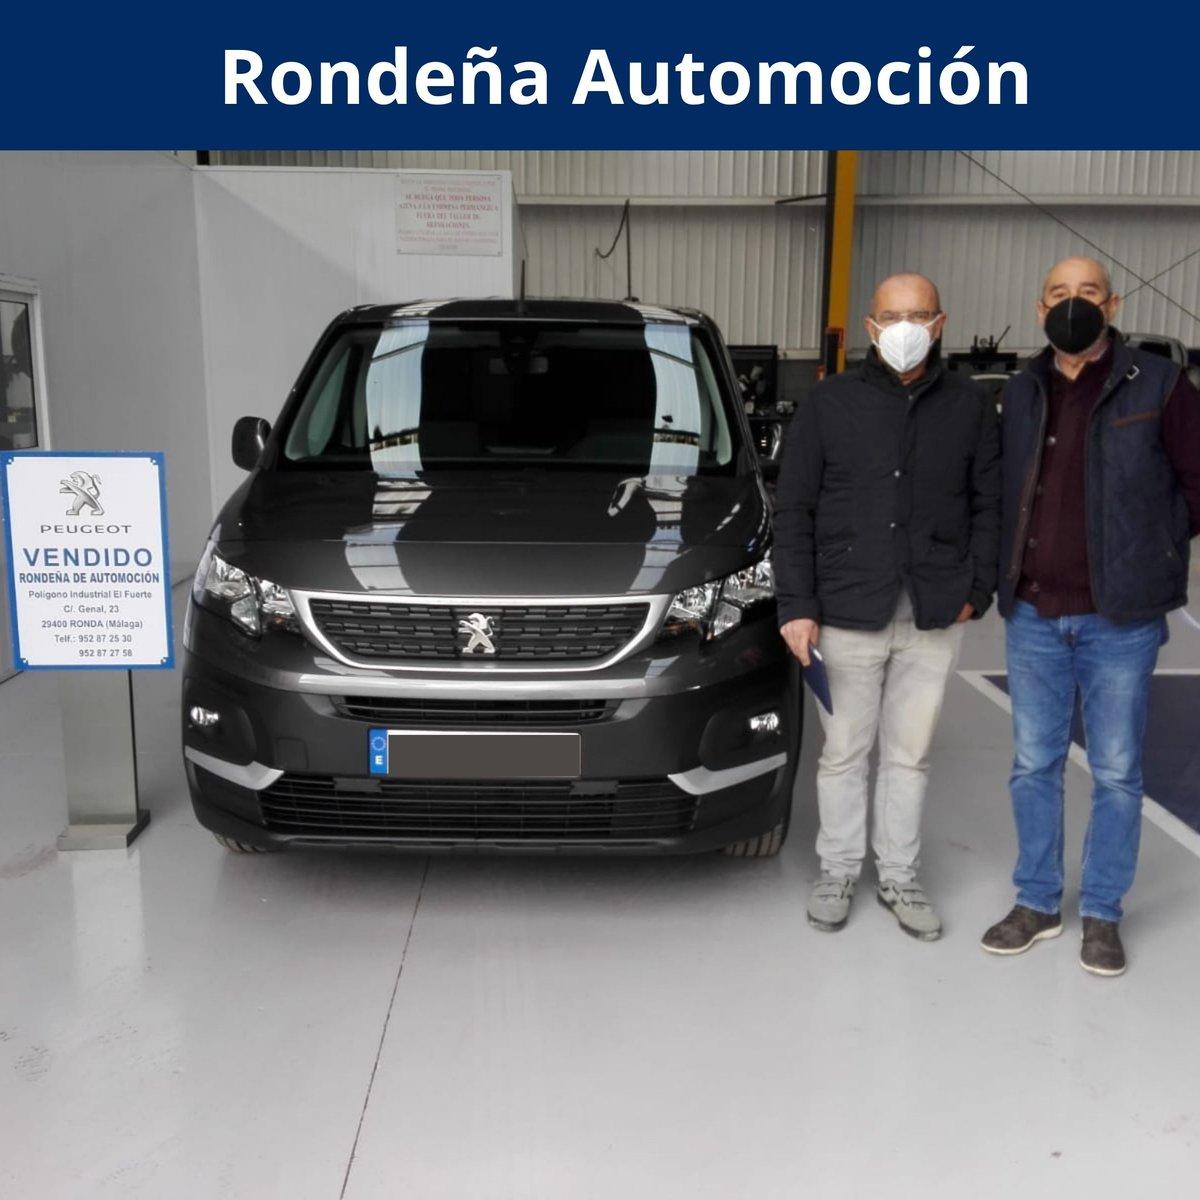 👉 Curro Sanchez haciendo entrega de la #PeugeotRifter BHDI 100CV Version Long !! Muchas gracias por la confianza depositada por Antonio Pérez, esperamos la disfrute mucho 😊  ☎️ Mas información: 952 87 25 30 o 952 87 27 58  .  #coche #peugeot #car #kia #segundamano #SEMINUEVO